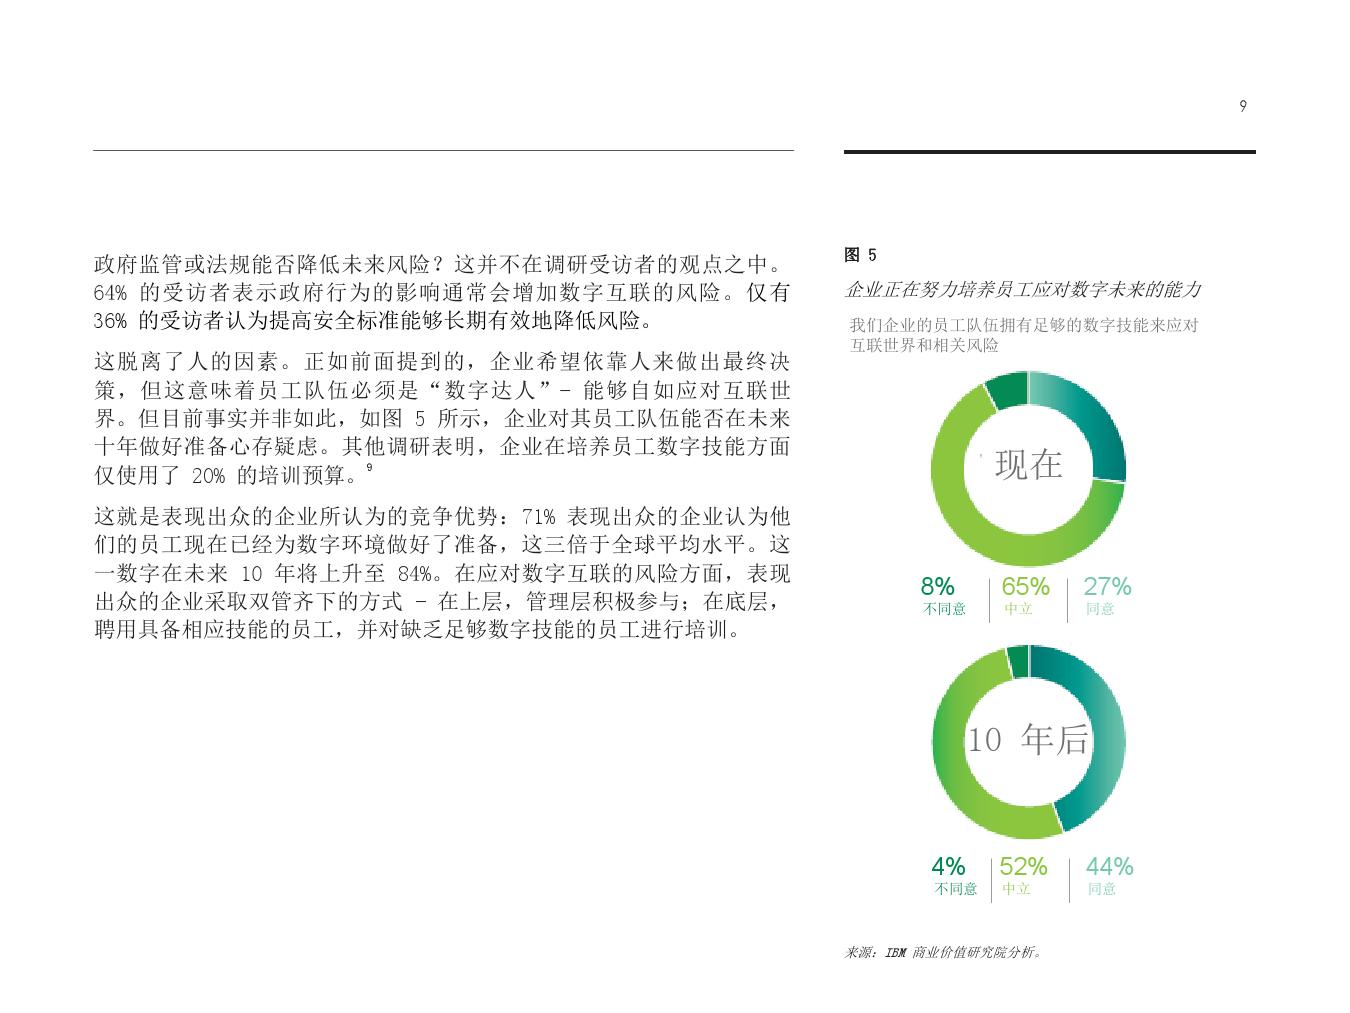 %e6%95%b0%e5%ad%97%e5%8c%96%e4%ba%92%e8%81%94%e4%b8%96%e7%95%8c%e4%b8%ad%e7%9a%84%e4%bf%9d%e9%99%a9%e4%b8%9a%e5%92%8c%e9%a3%8e%e9%99%a9_000011